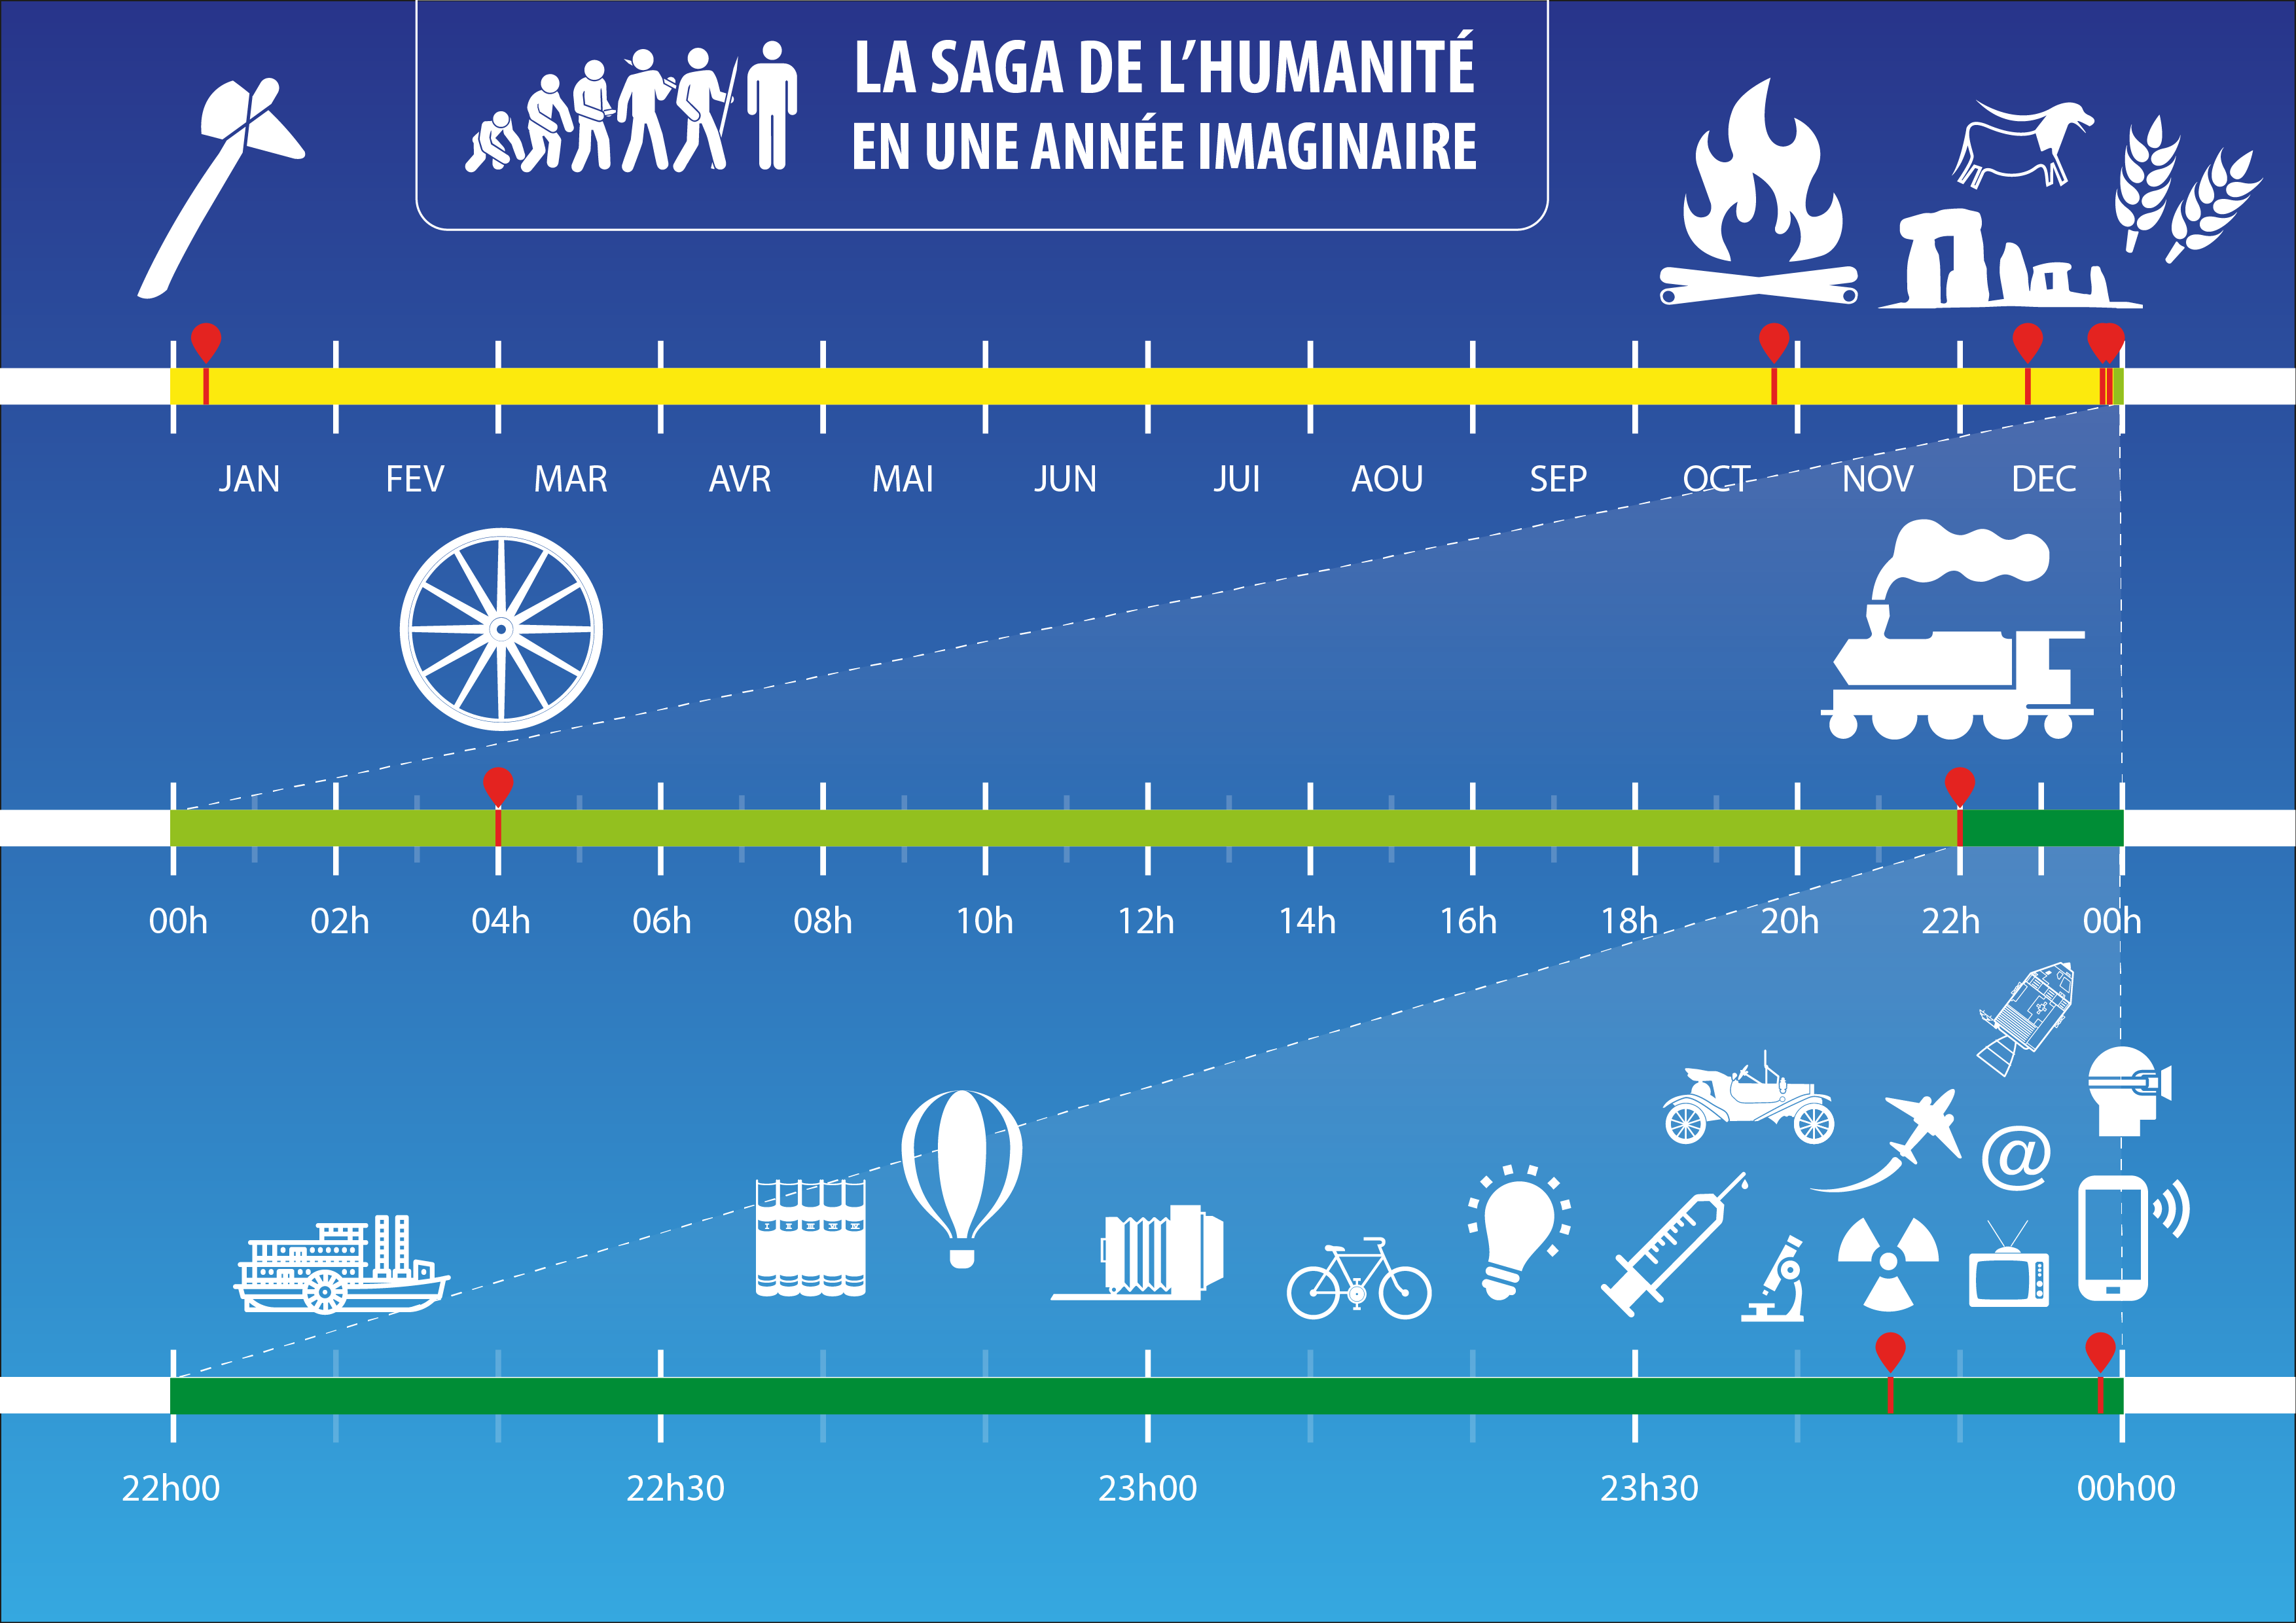 Chronologie des inventions - RVB - 3sur3